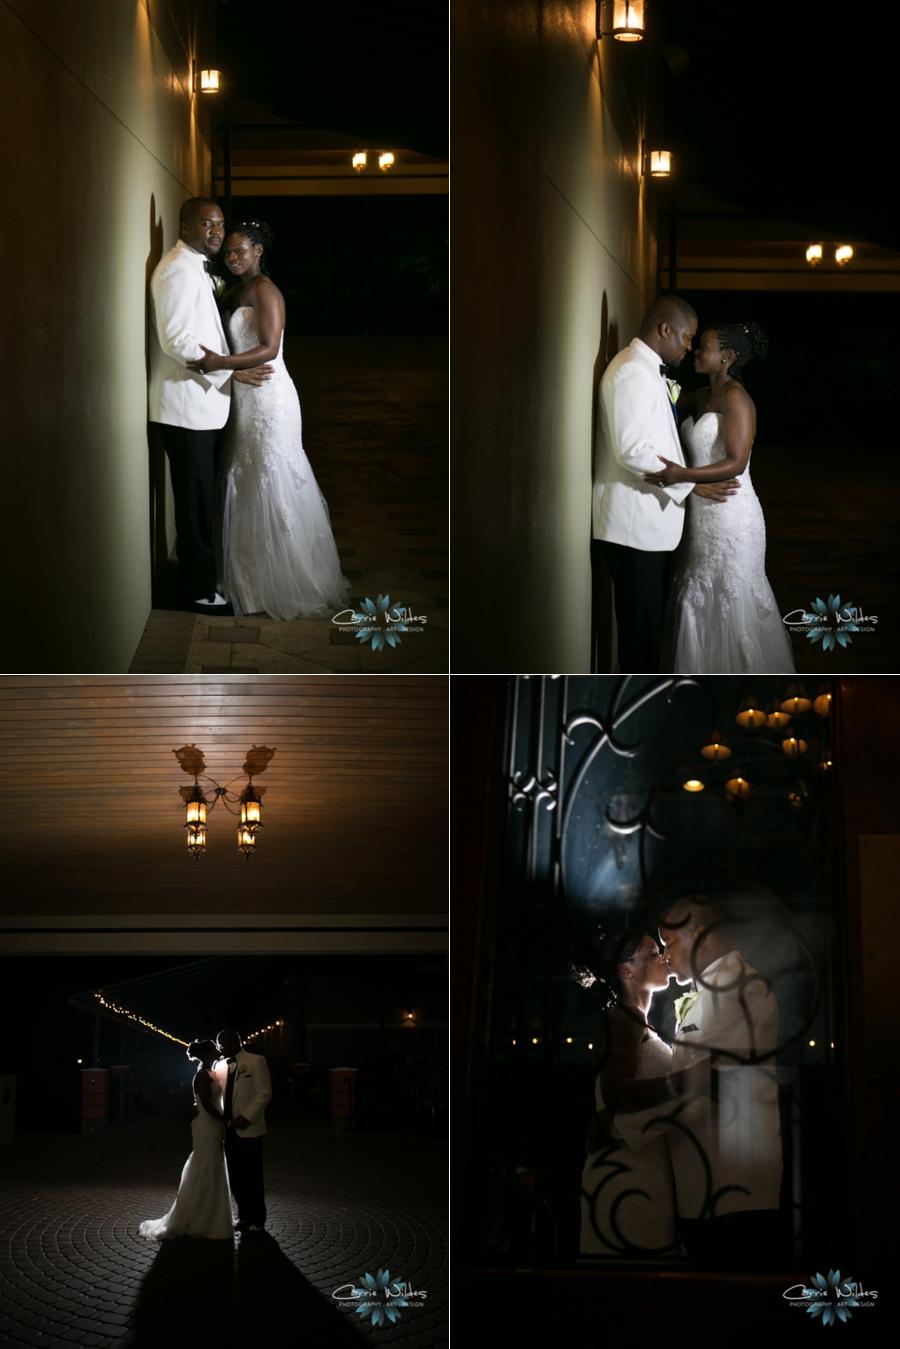 5_24_15 Carrollwood Country Club Wedding_0031.jpg